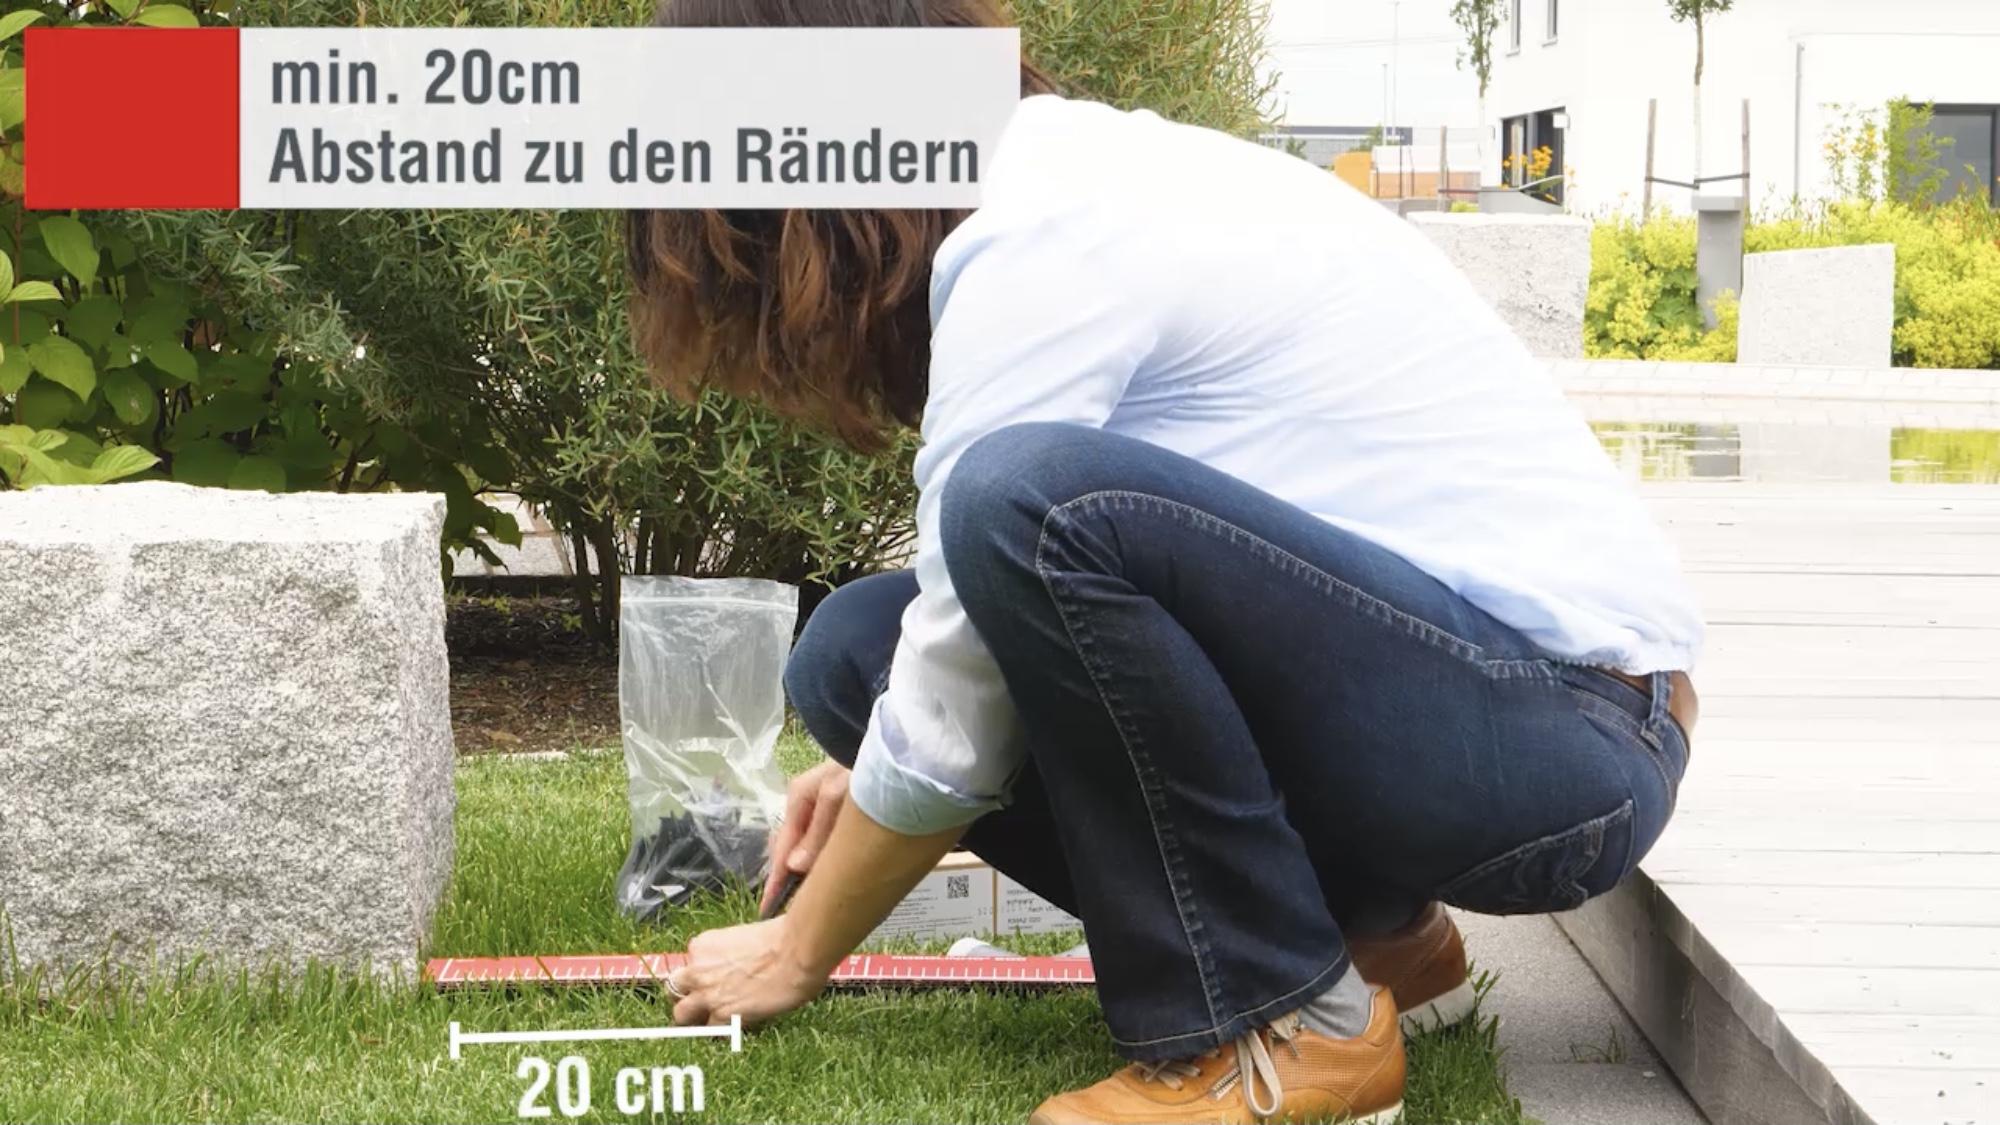 AL-KO-Robolinho-20cm-Abstand